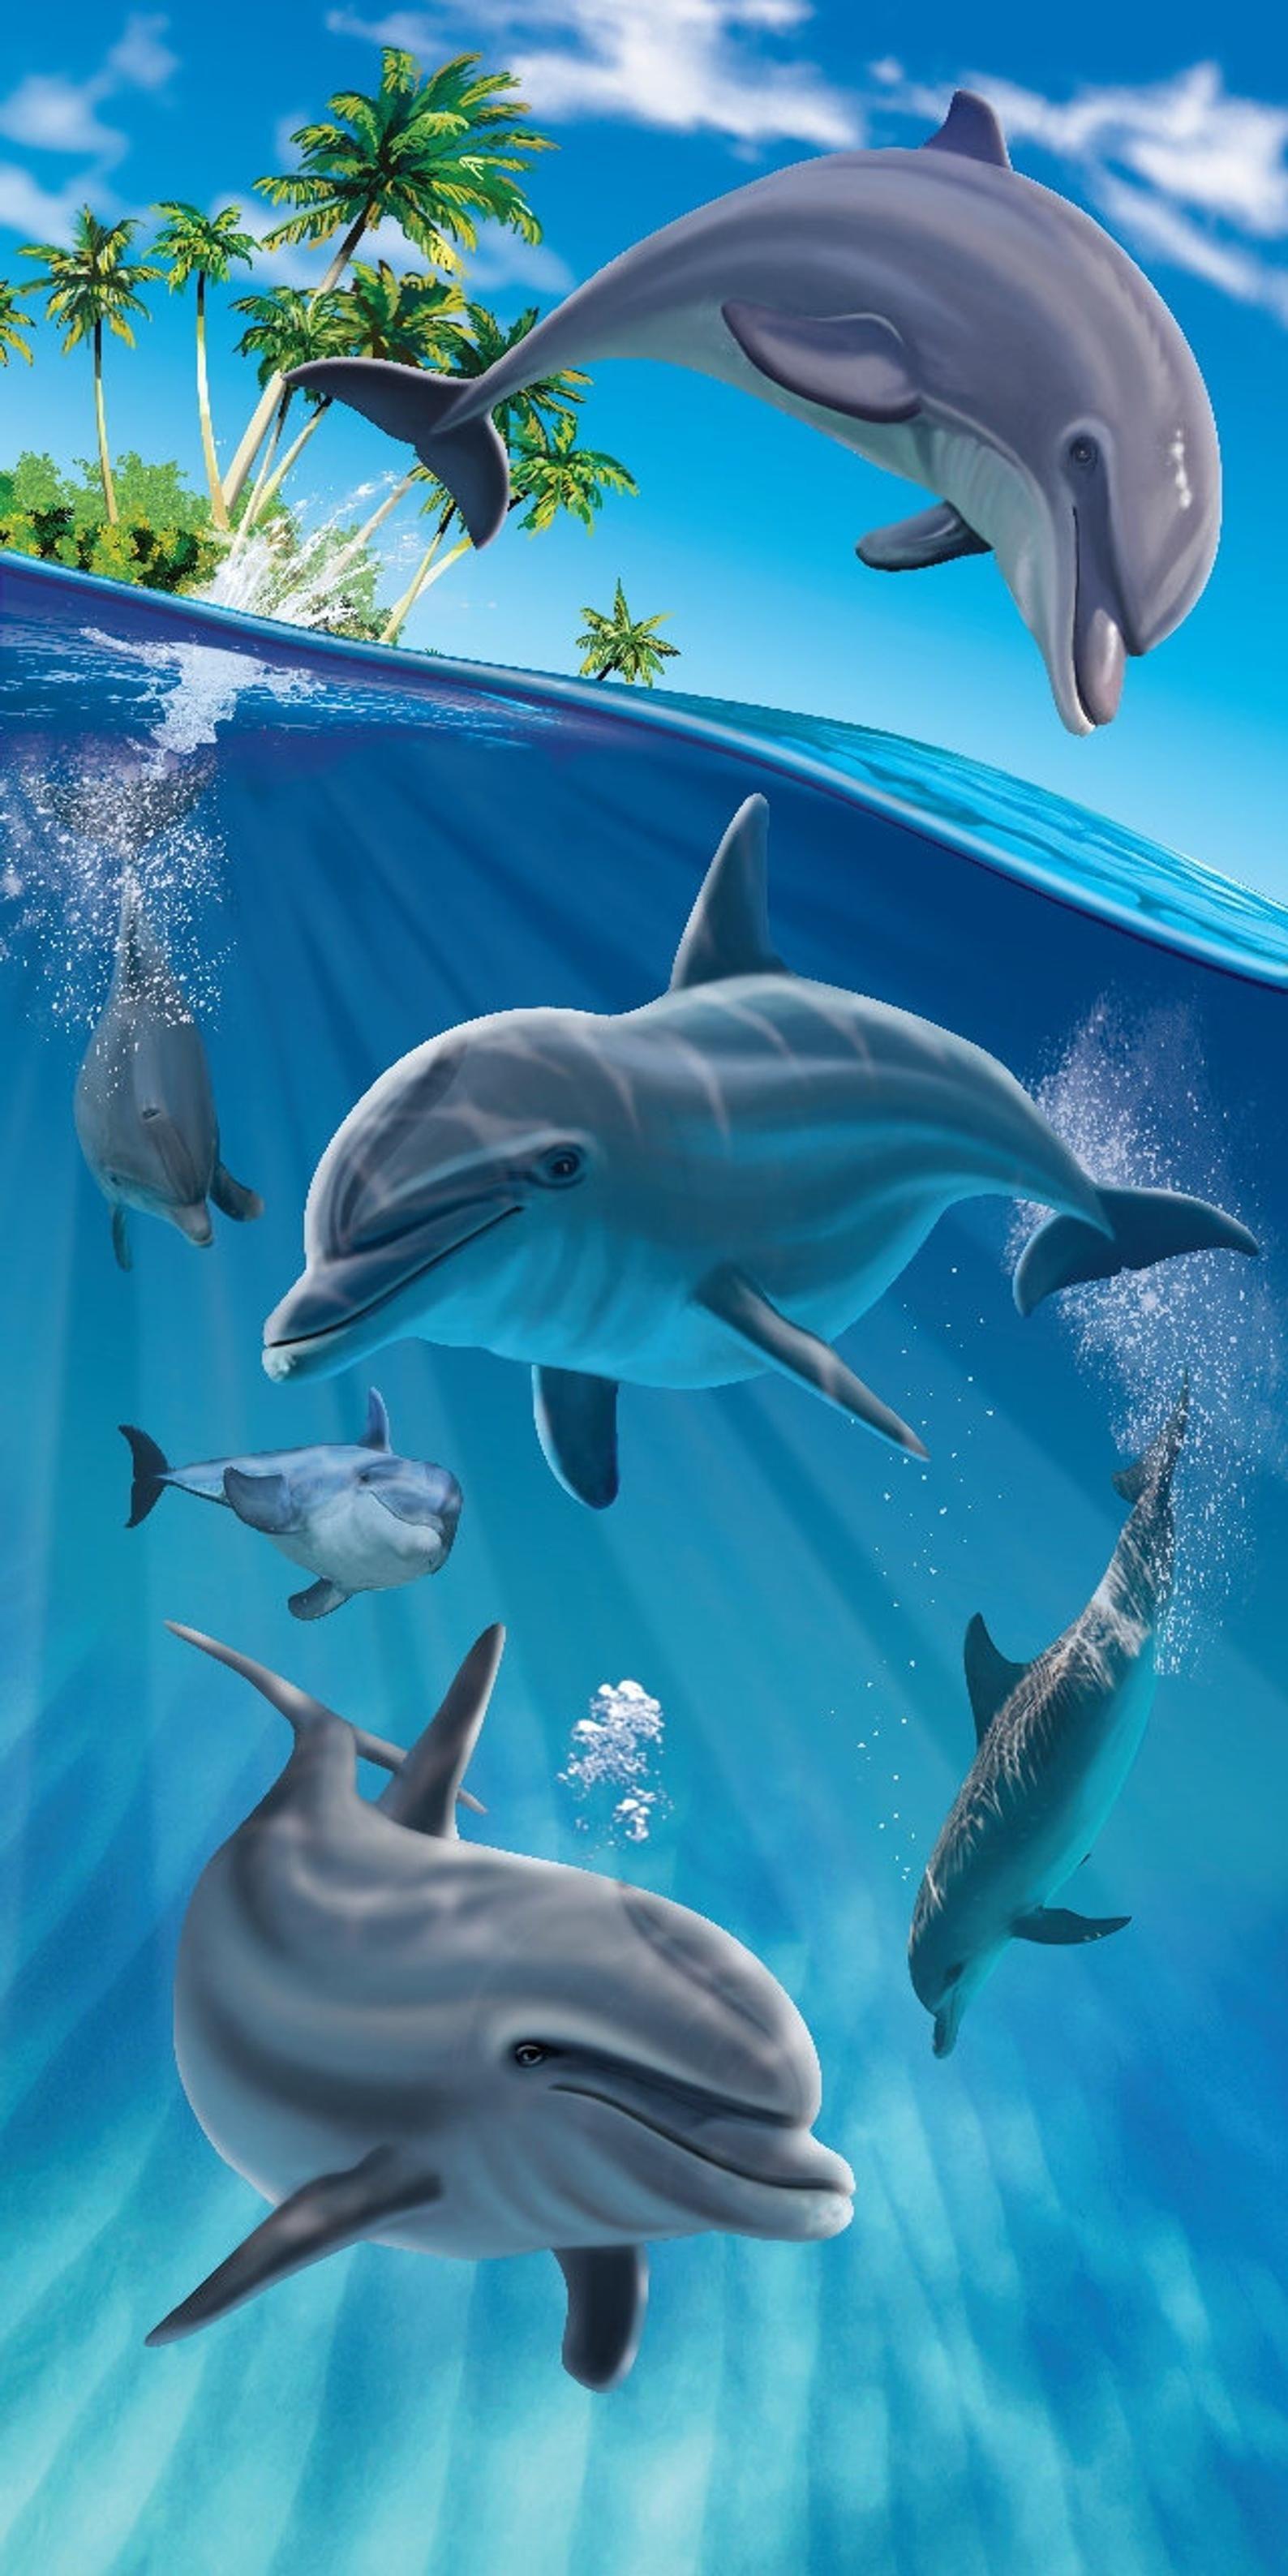 Island Dolphins Beach Towel Etsy Dolphin Beach Towel Dolphin Art Dolphin Photos